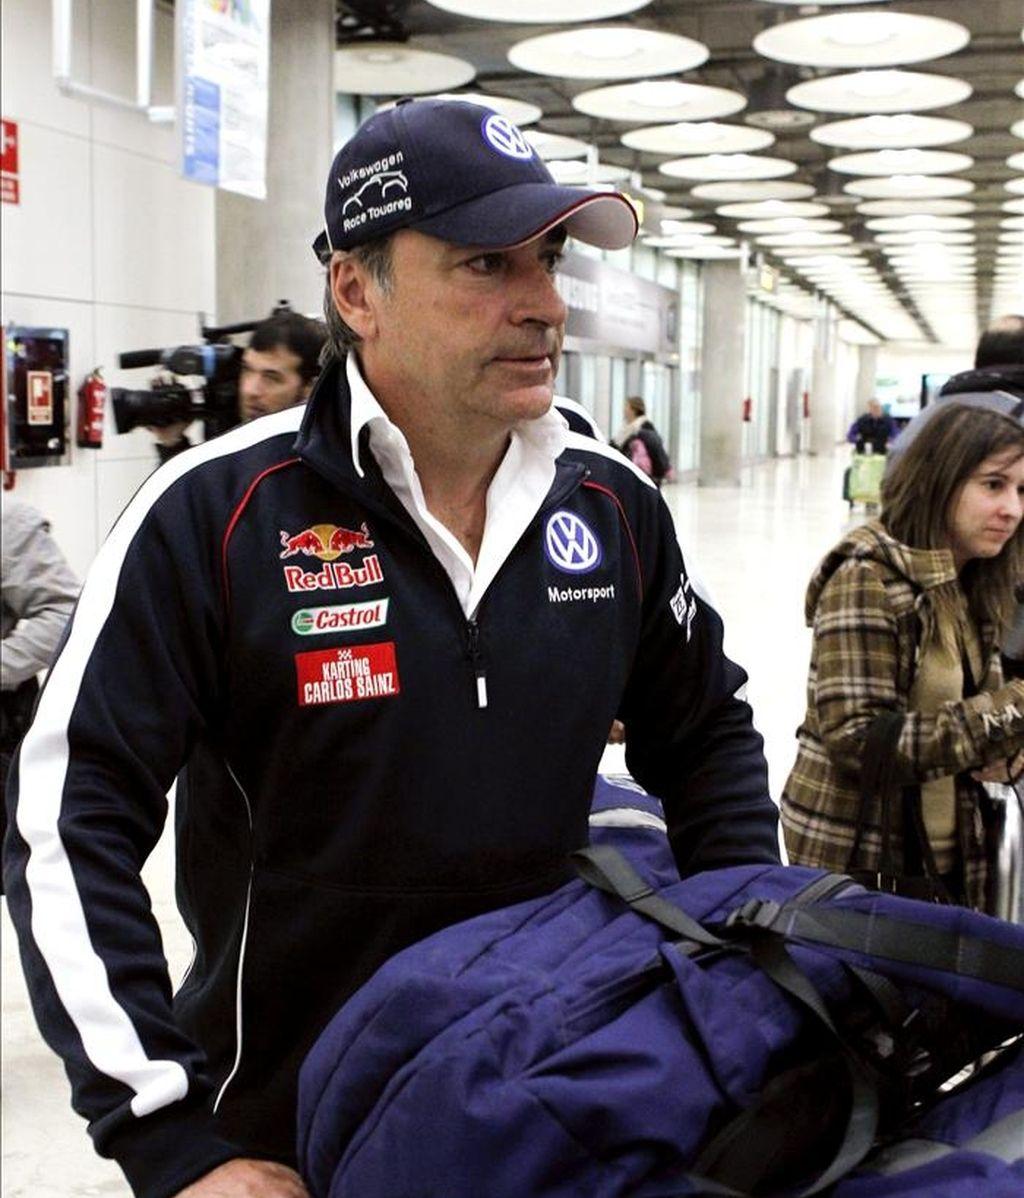 El piloto español Carlos Sainz, a su llegada al aeropuerto de Madrid-Barajas tras su participación en el Rally Dakar 2011 en el que acabó tercero. EFE/Archivo